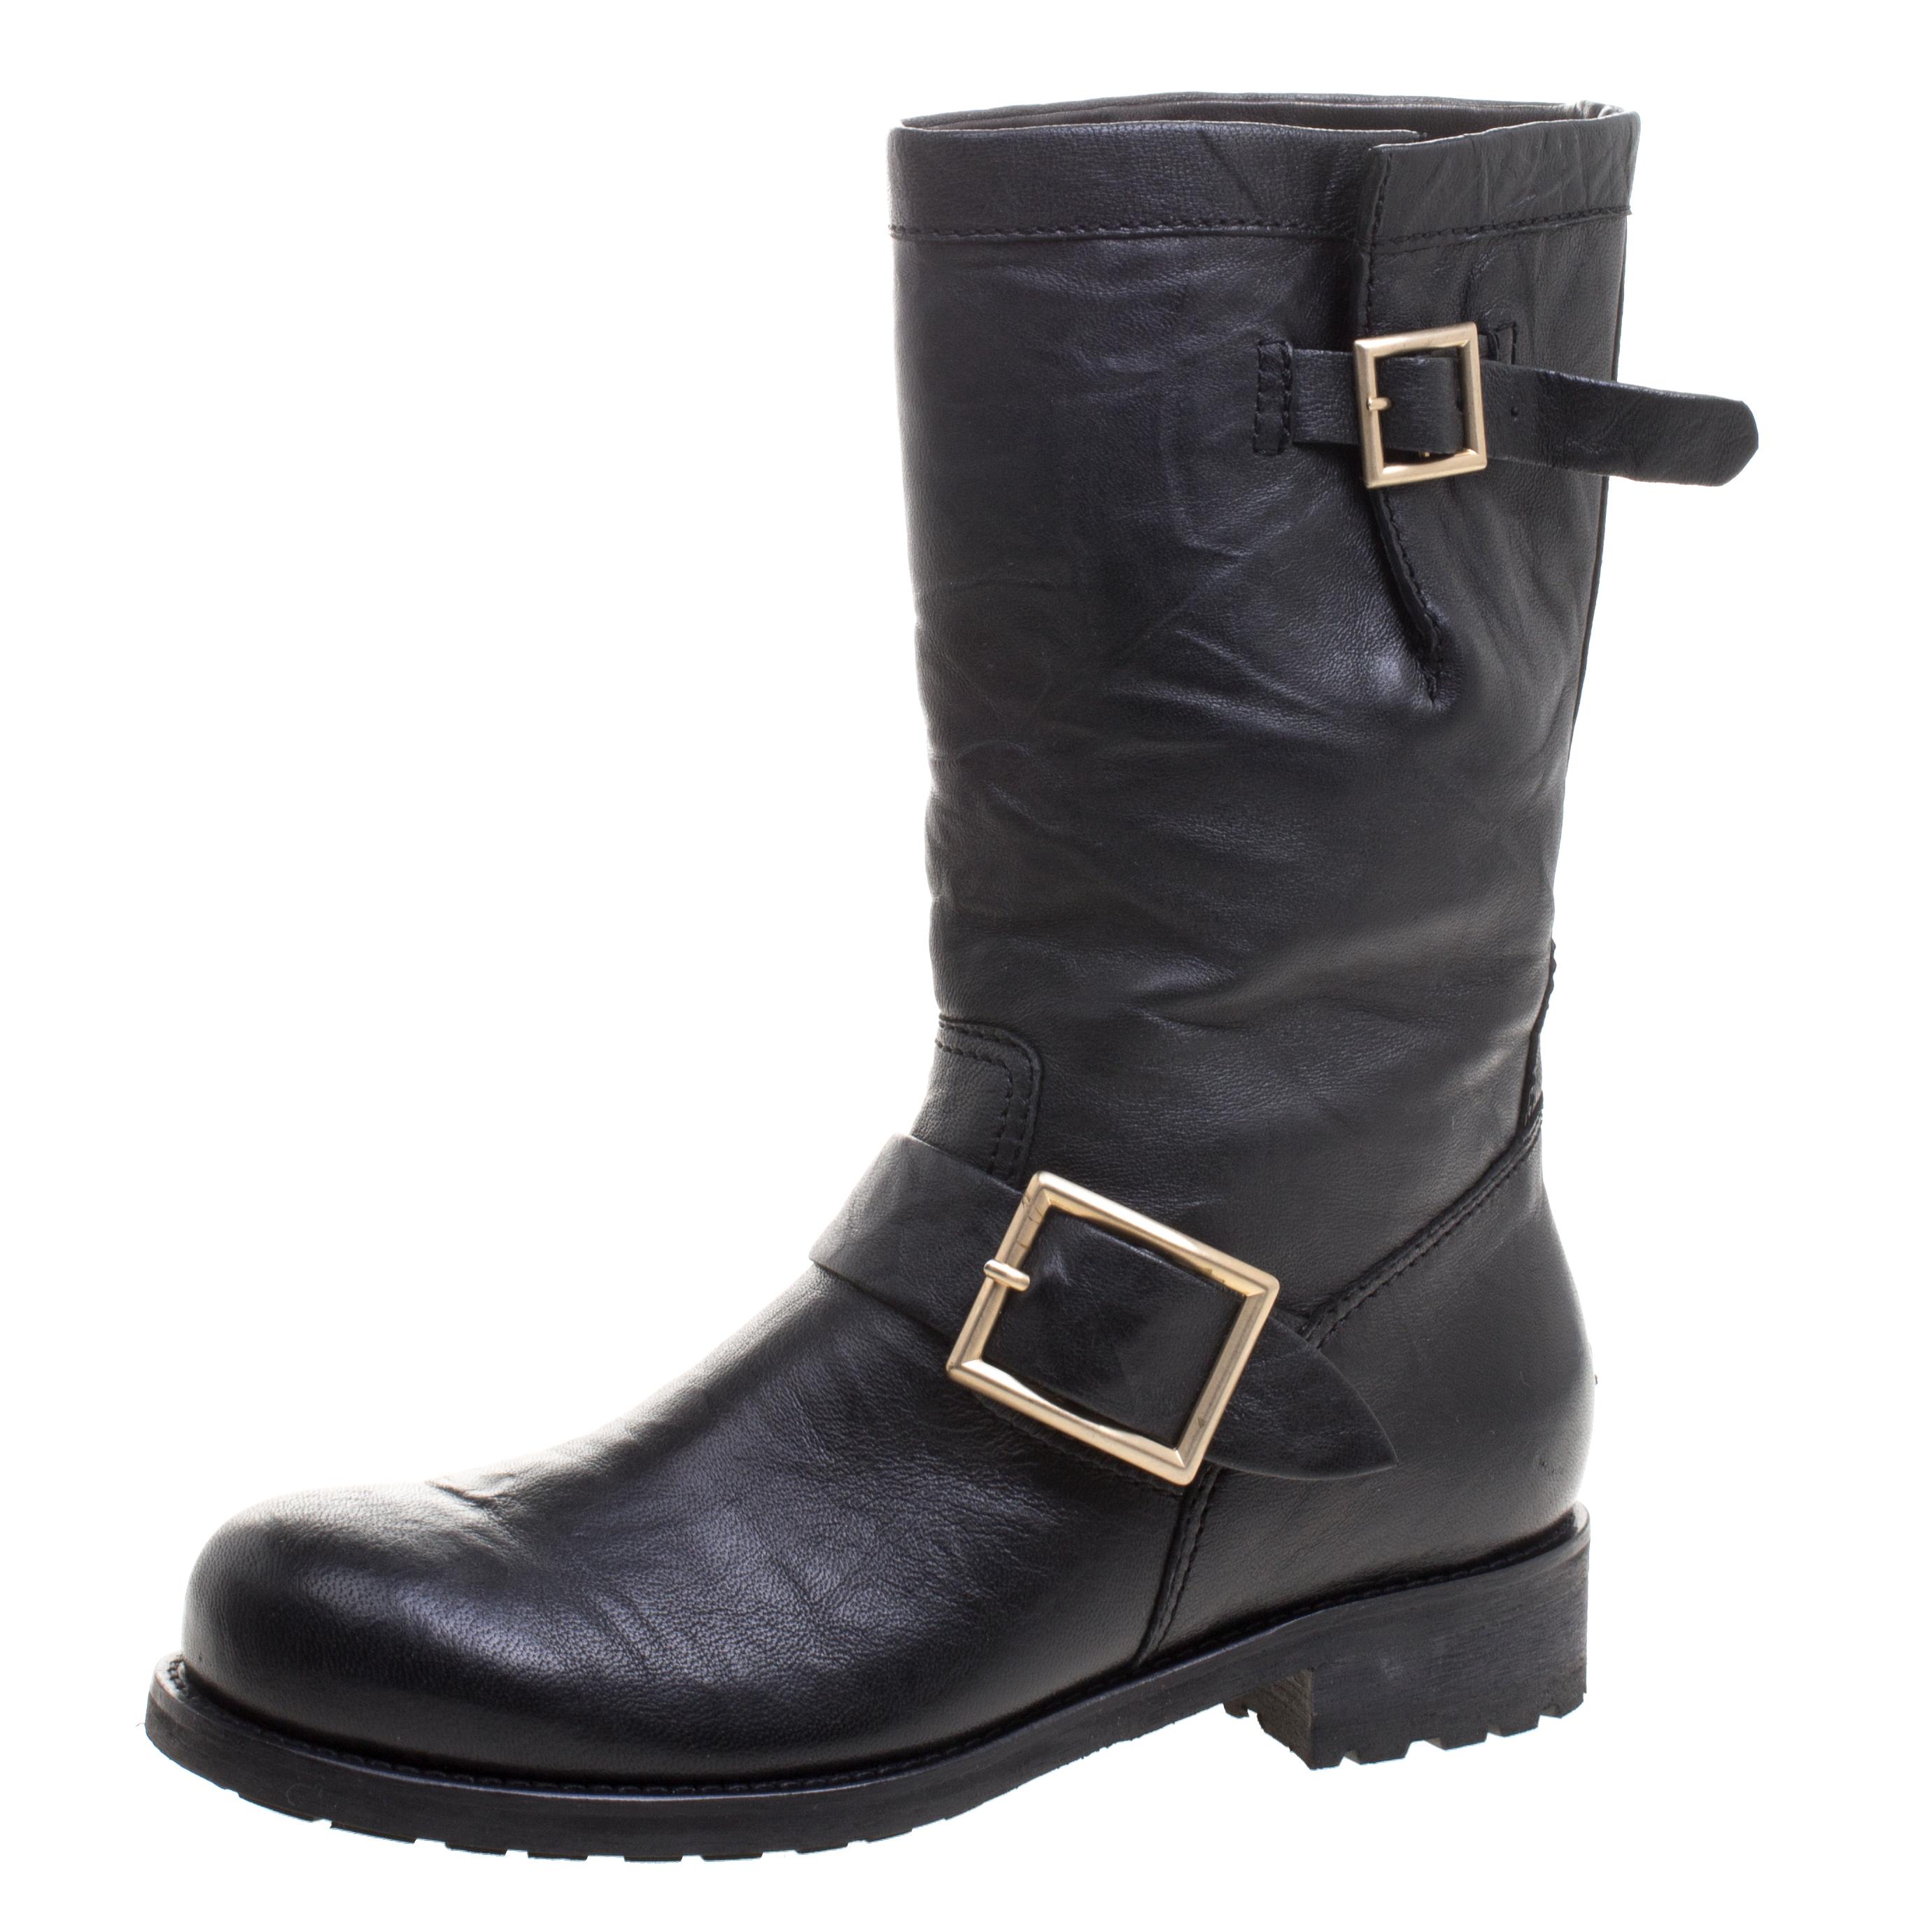 db8f395b770 Jimmy Choo Black Leather Biker Boots Size 36